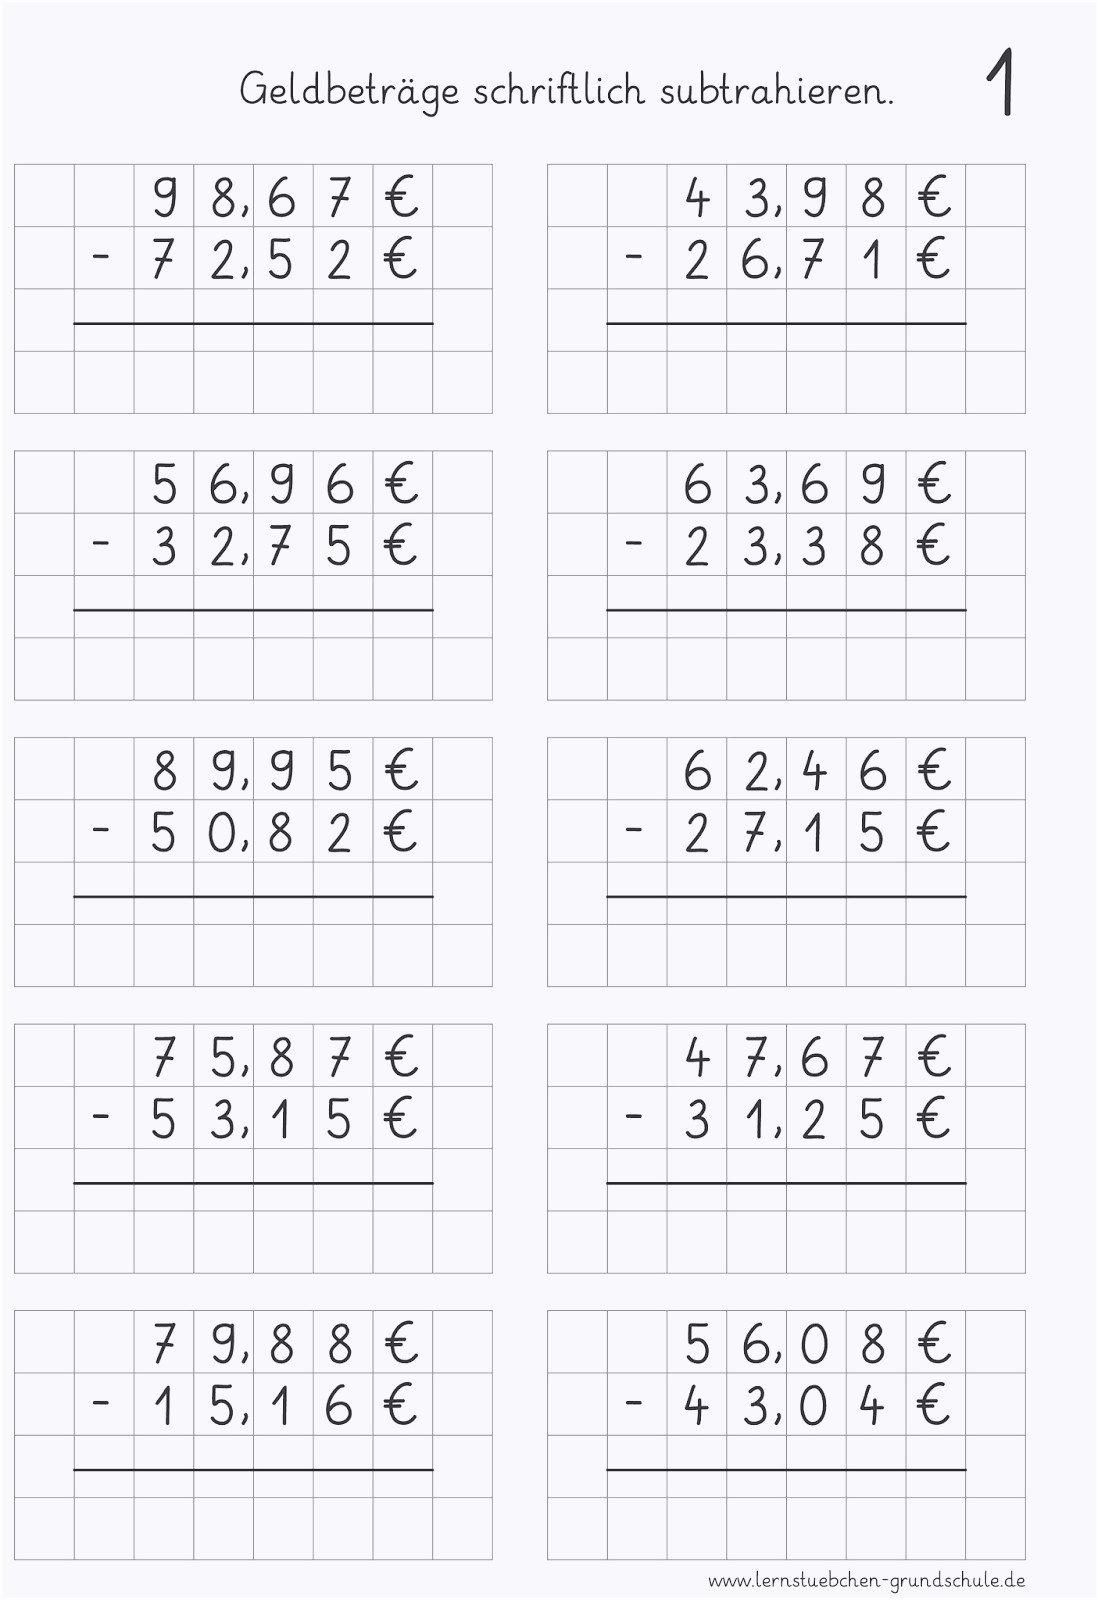 Mathe Arbeitsblatter Klasse 4 Kostenlos Zum Ausdrucken verwandt mit Arbeitsblätter Mathe Klasse 2 Zum Ausdrucken